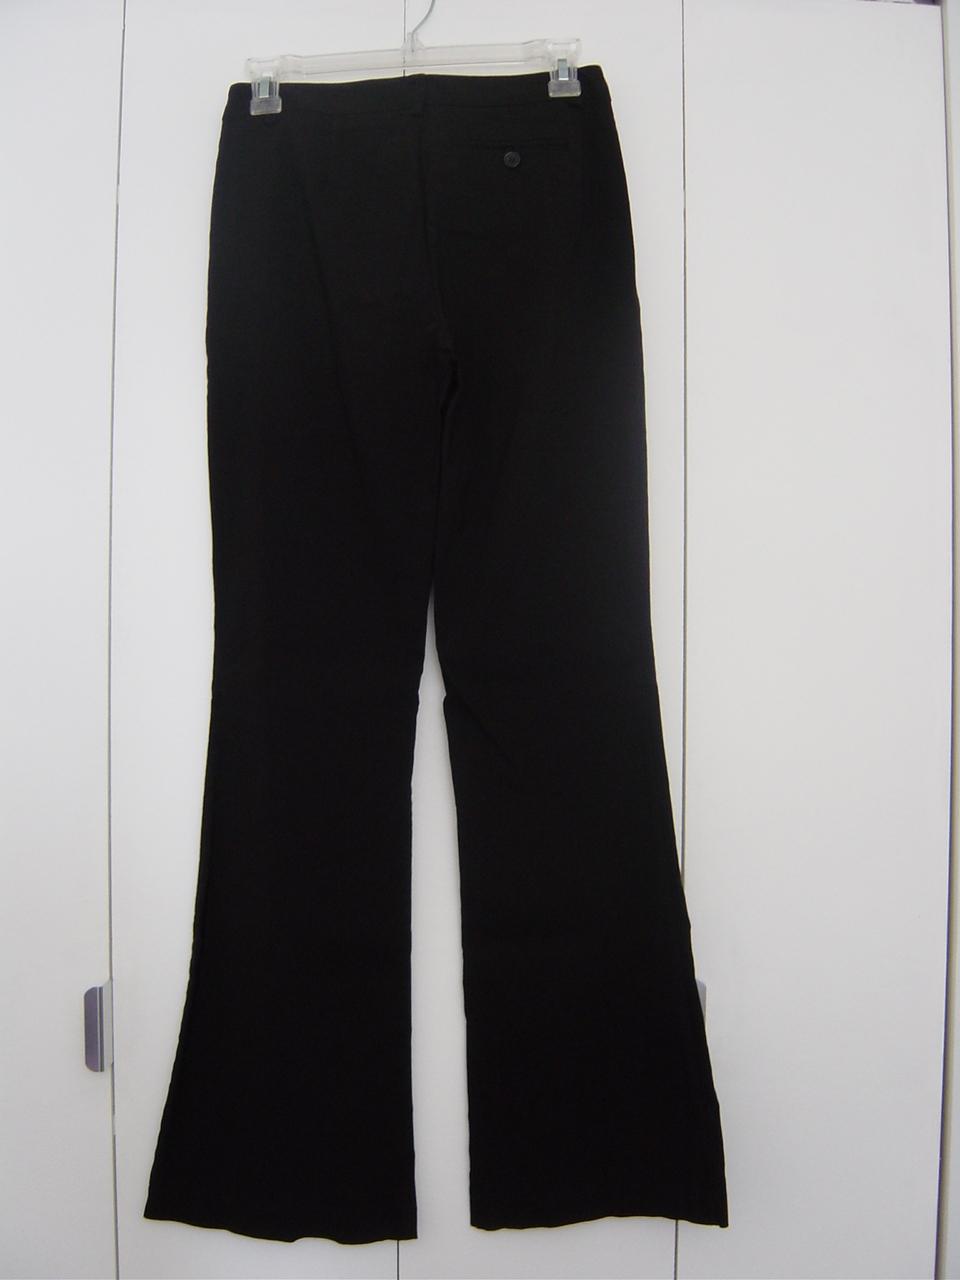 Rampage Pants (Size 5) EUC